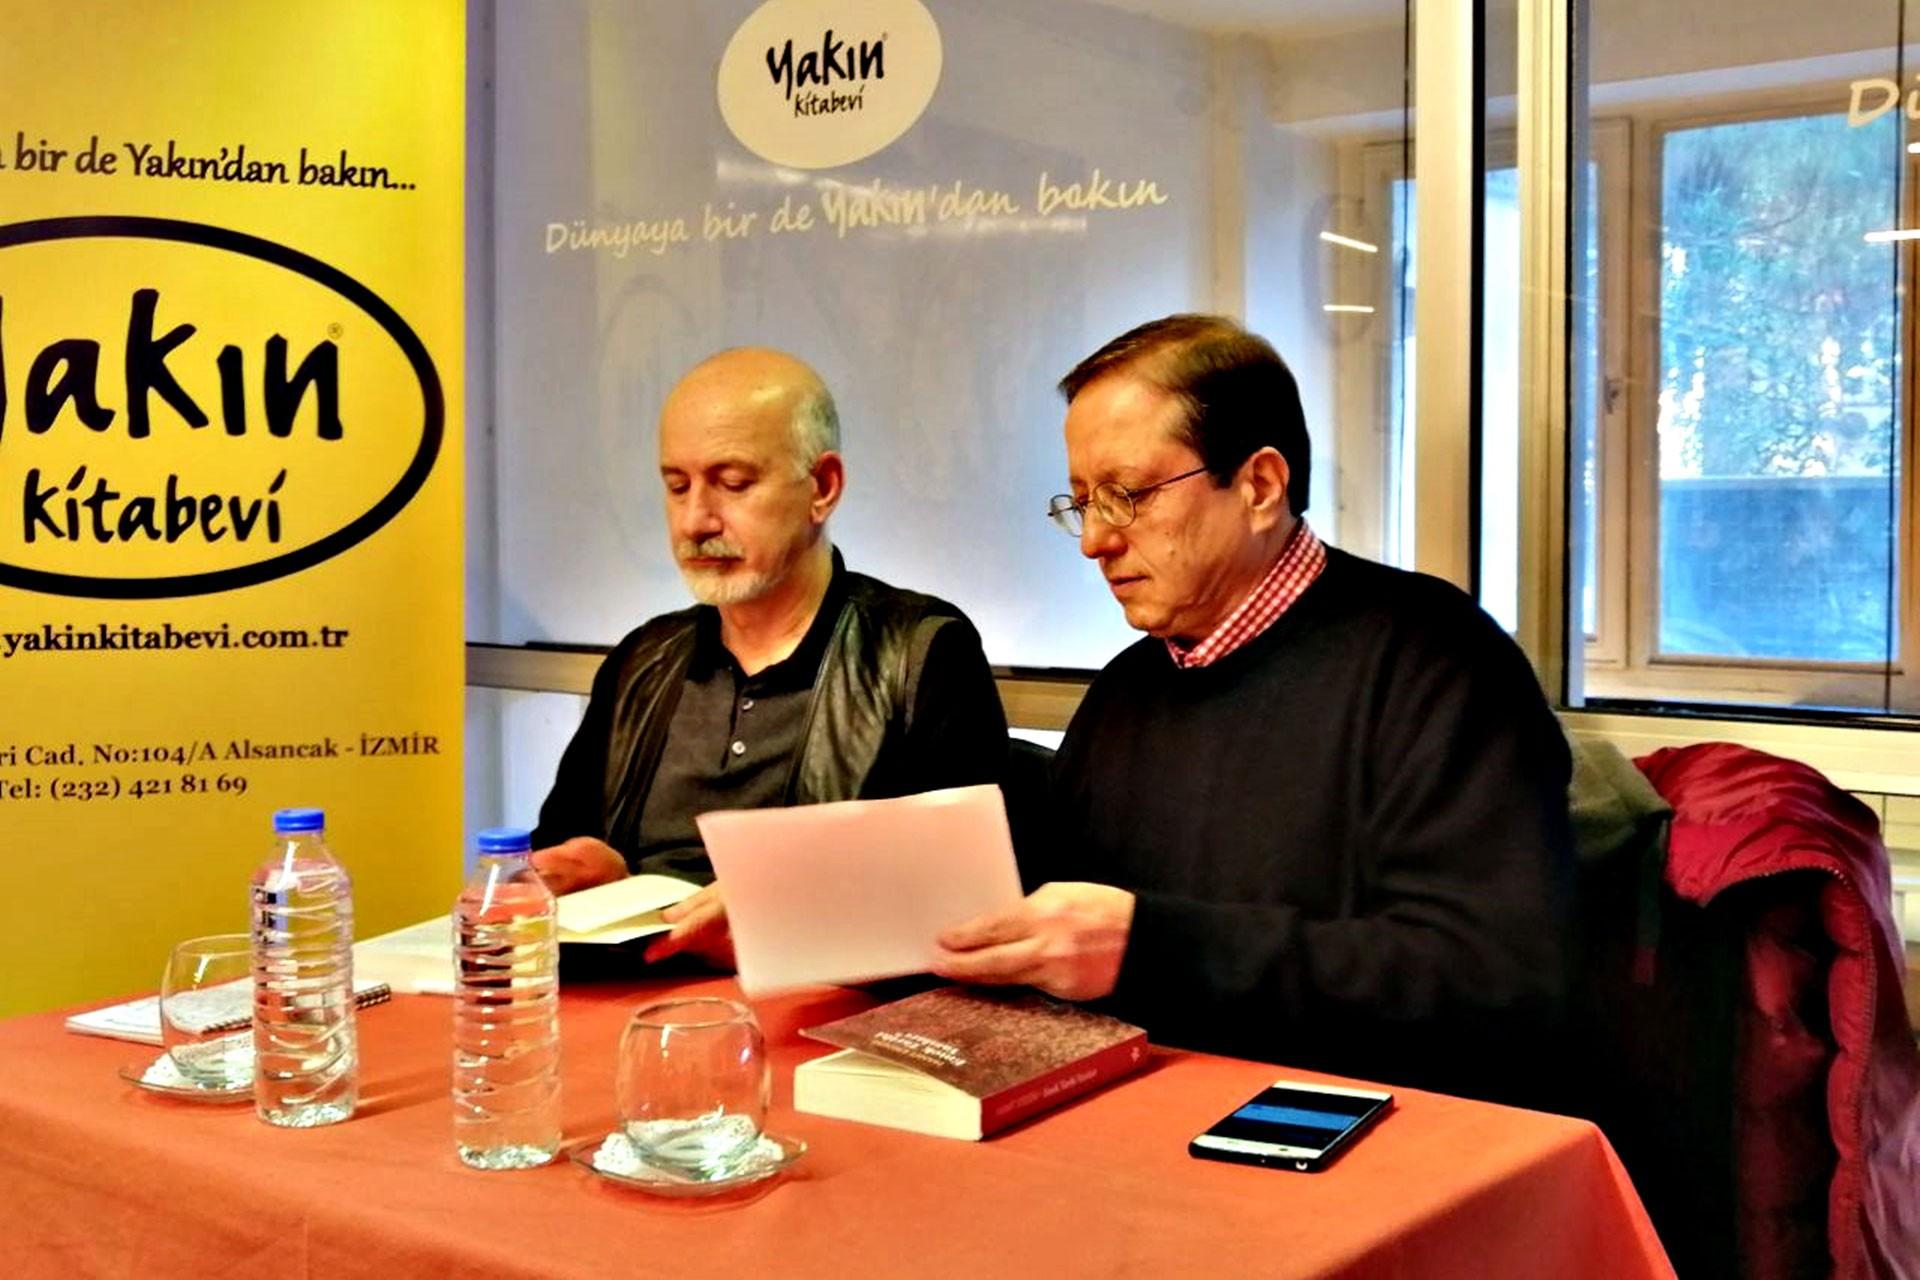 Yazar Hamit Erdem Yakın Kitapevi'nde okurlarıyla buluştu.